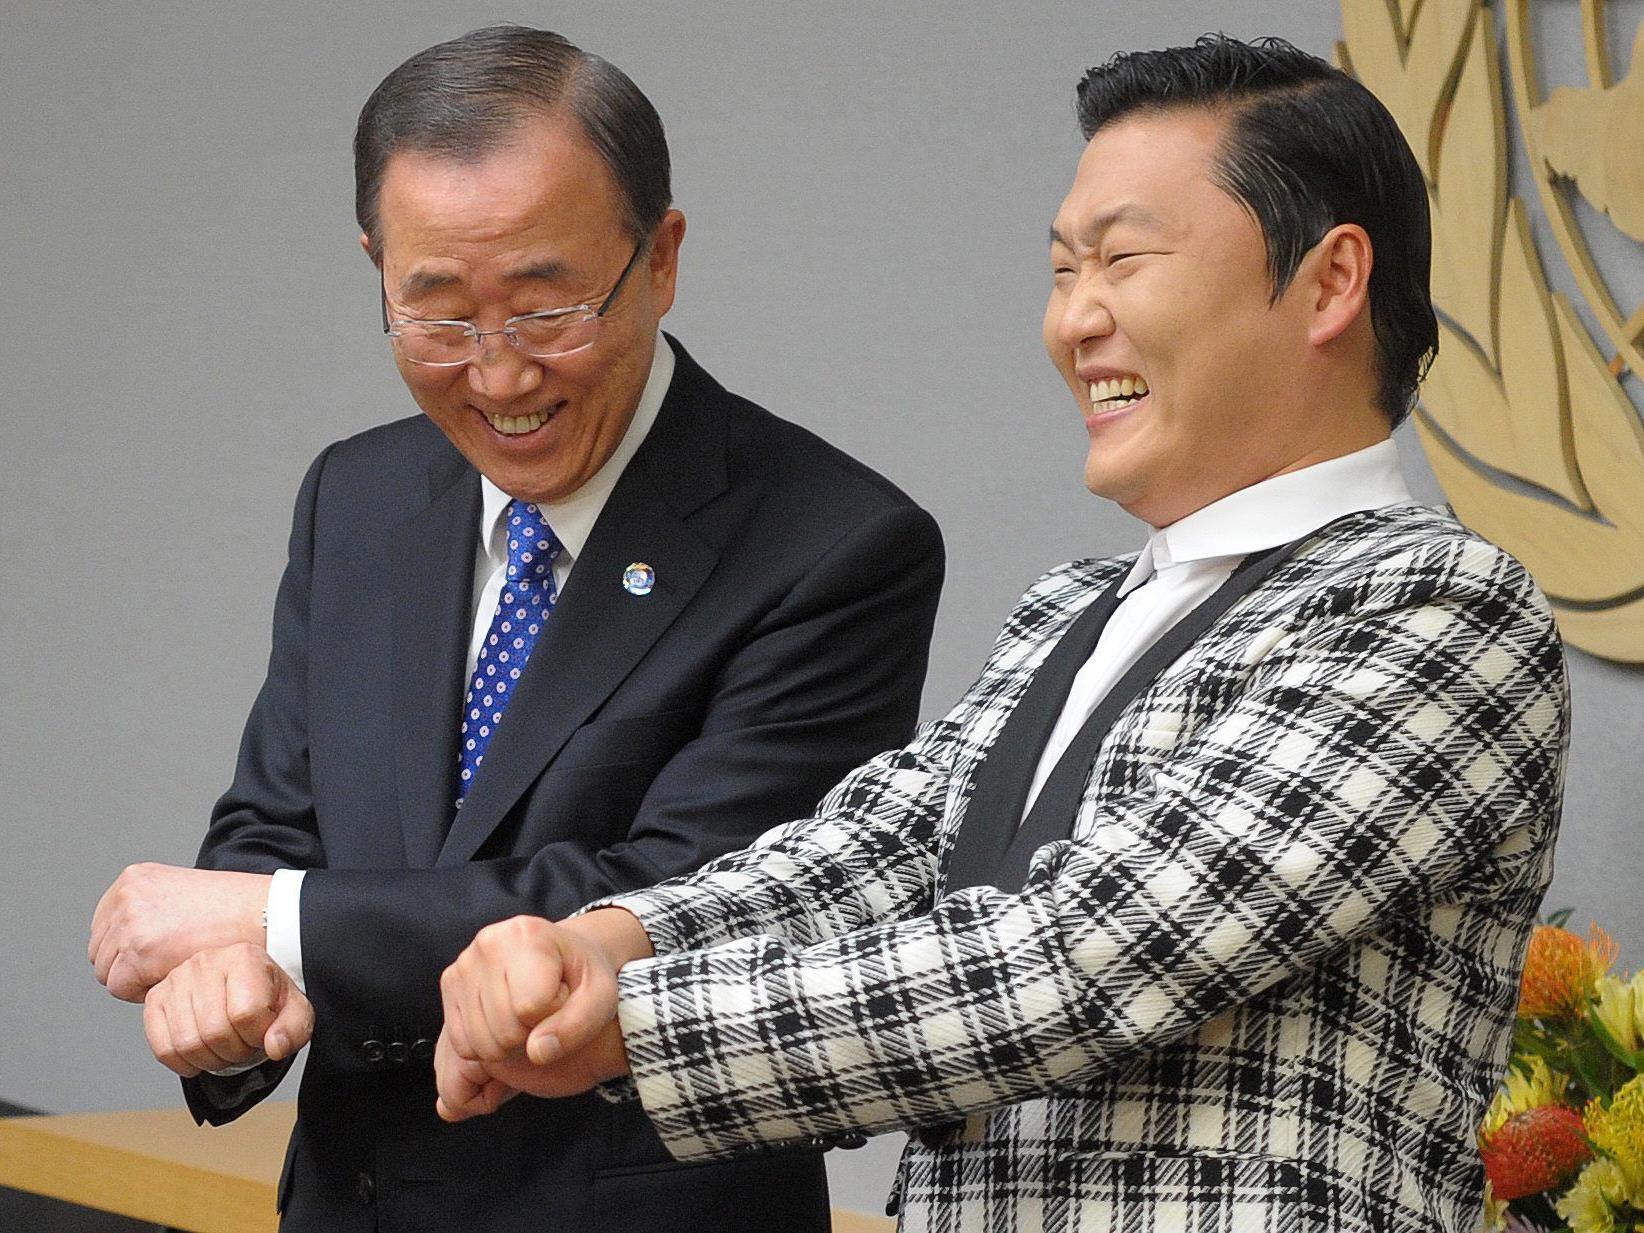 Der UN-Generalsekretär versucht sich im neuen Mode-Tanz